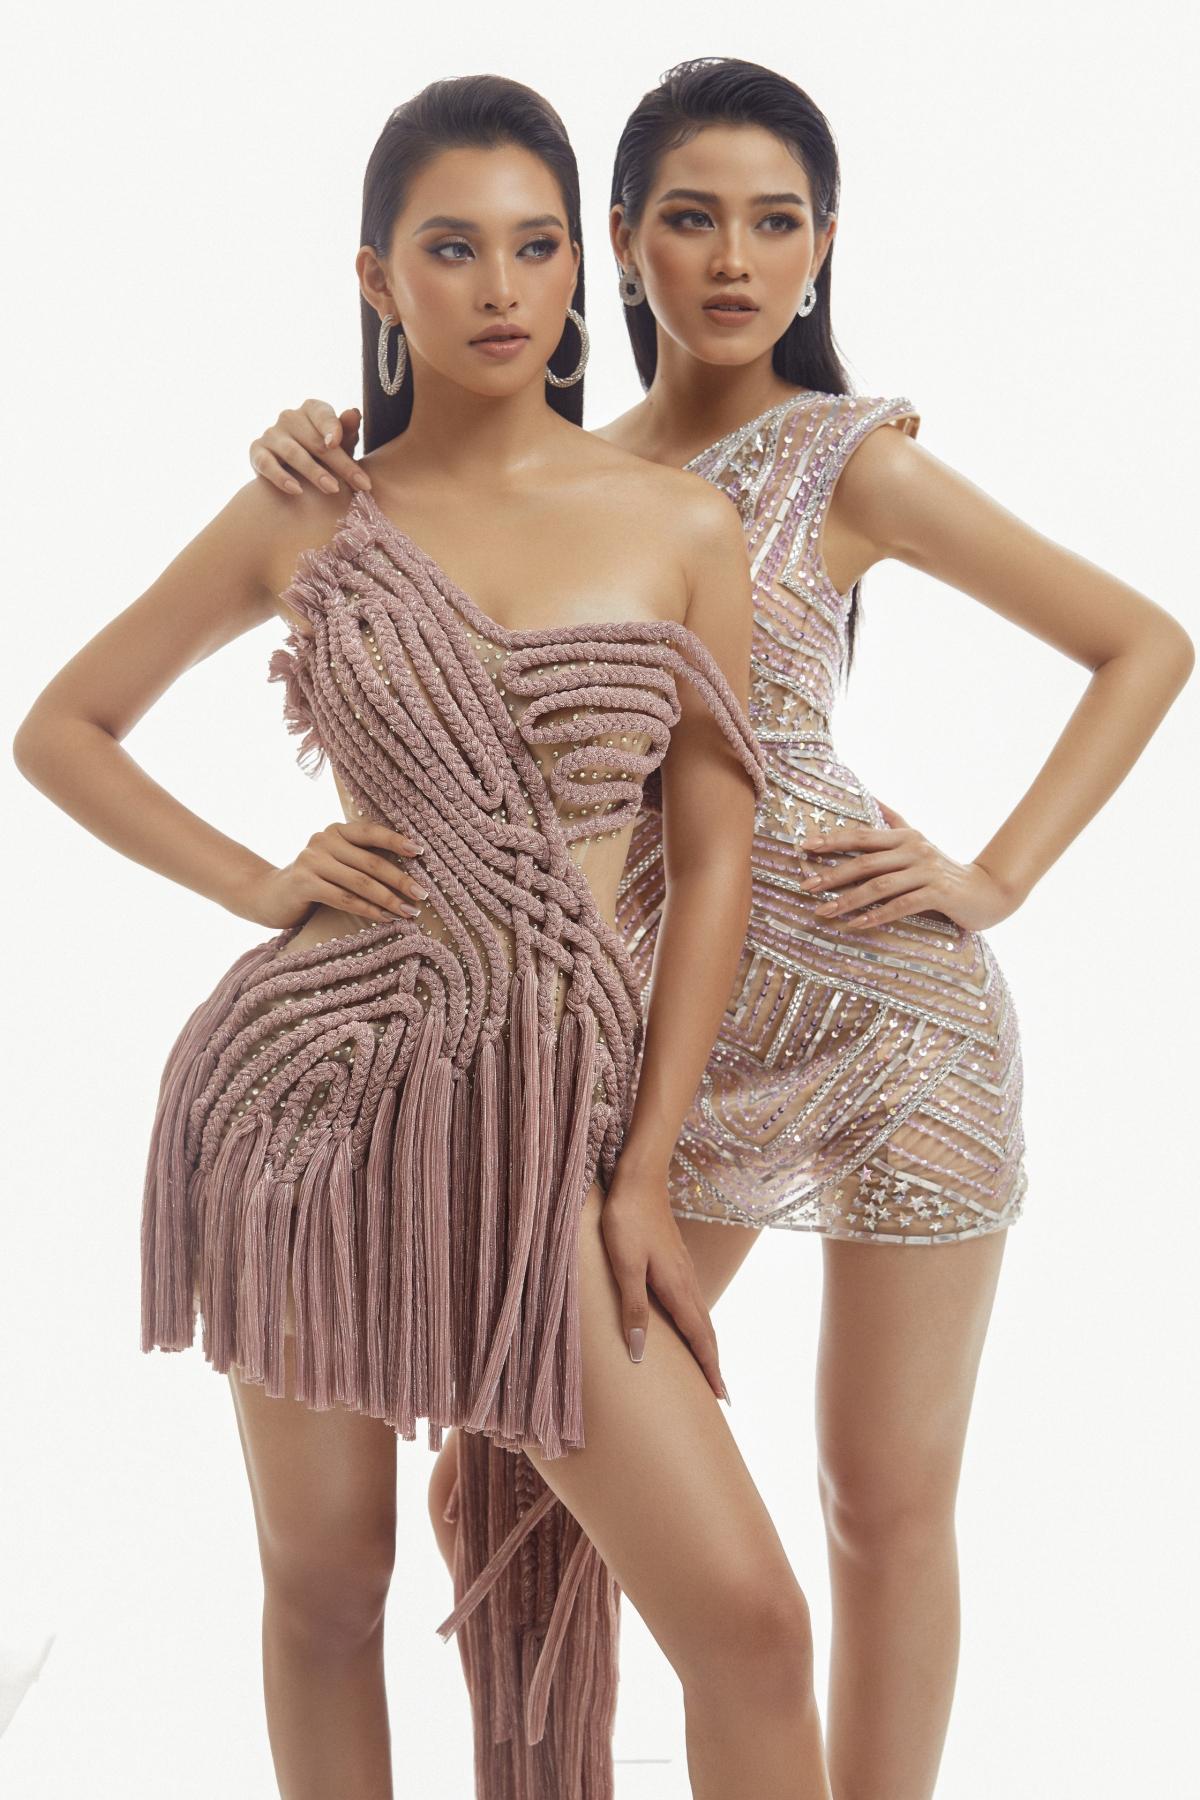 Ngược lại, Hoa hậu Đỗ Thị Hà toát lên vẻ hiện đại, nữ quyền trong chiếc váy ống đính đá lấp lánh vừa thể hiện nguồn năng lượng từ thế hệ genZ, vừa khoe được dáng vẻ mảnh mai vốn có.